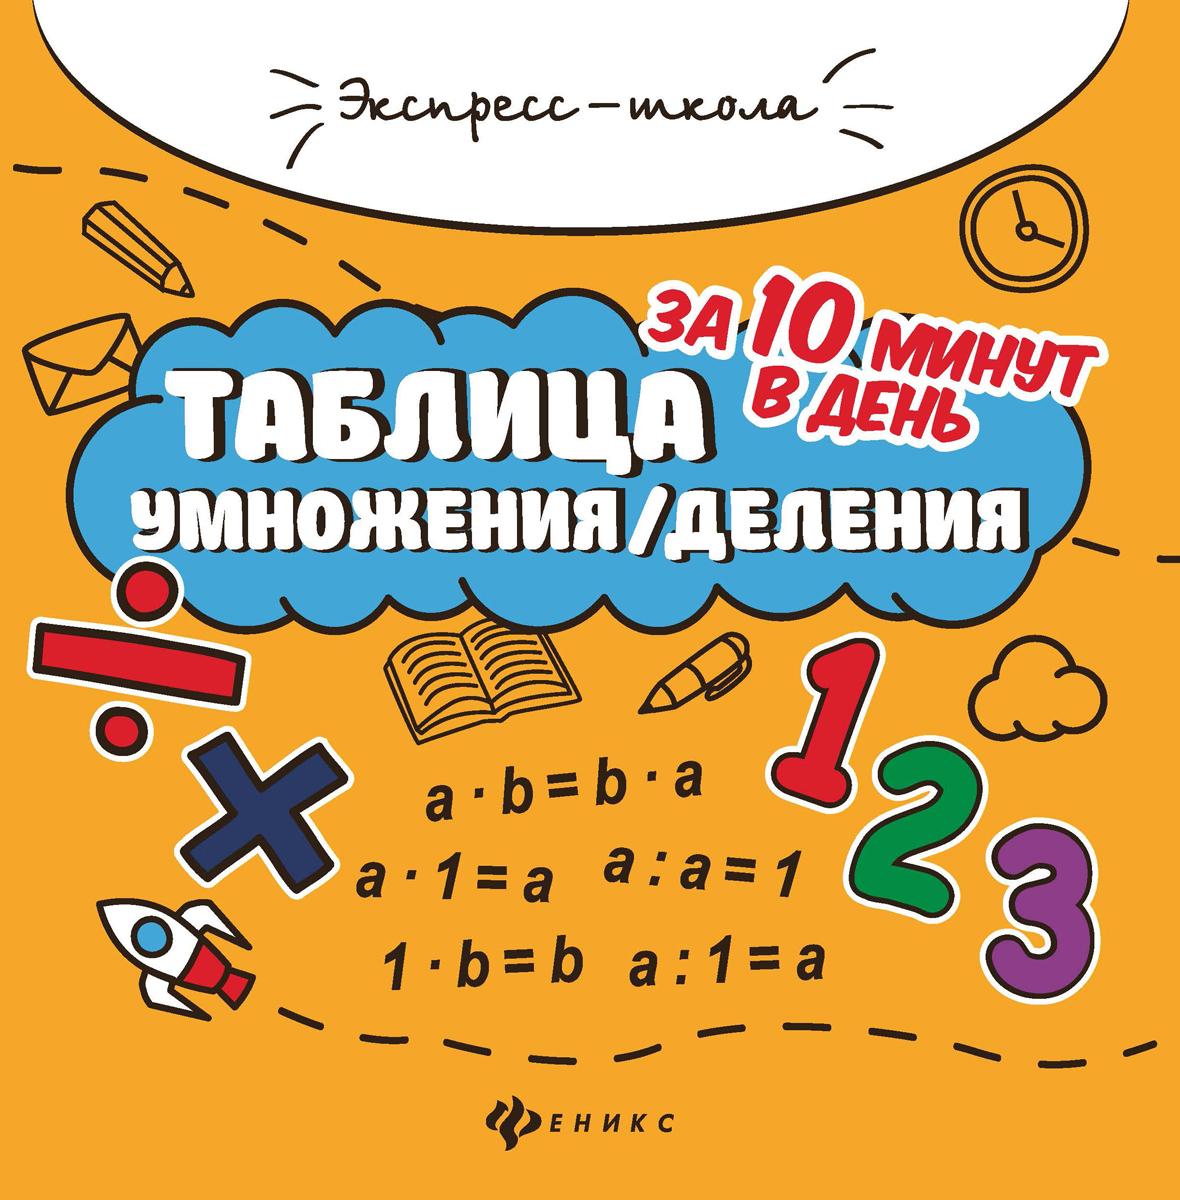 Таблица умножения/деления за 10 минут в день, Бахурова Е.П.